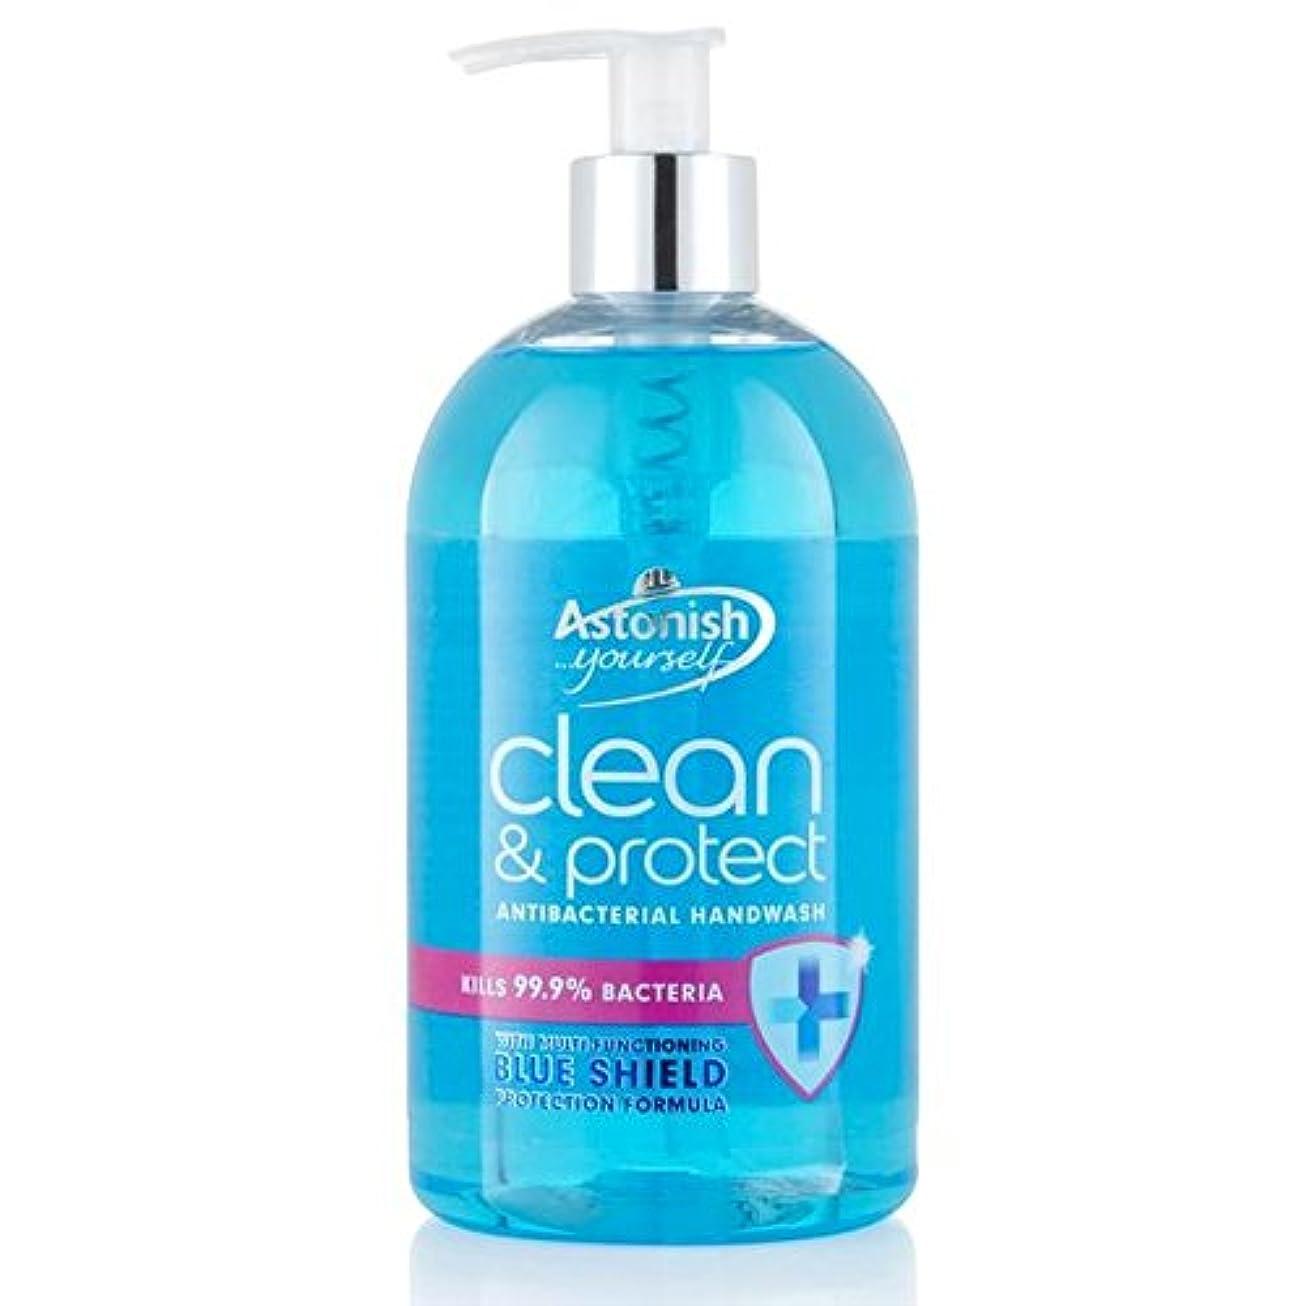 アッパー電極窓を洗うクリーン驚か&ハンドウォッシュ500ミリリットルを保護 x4 - Astonish Clean & Protect Hand Wash 500ml (Pack of 4) [並行輸入品]